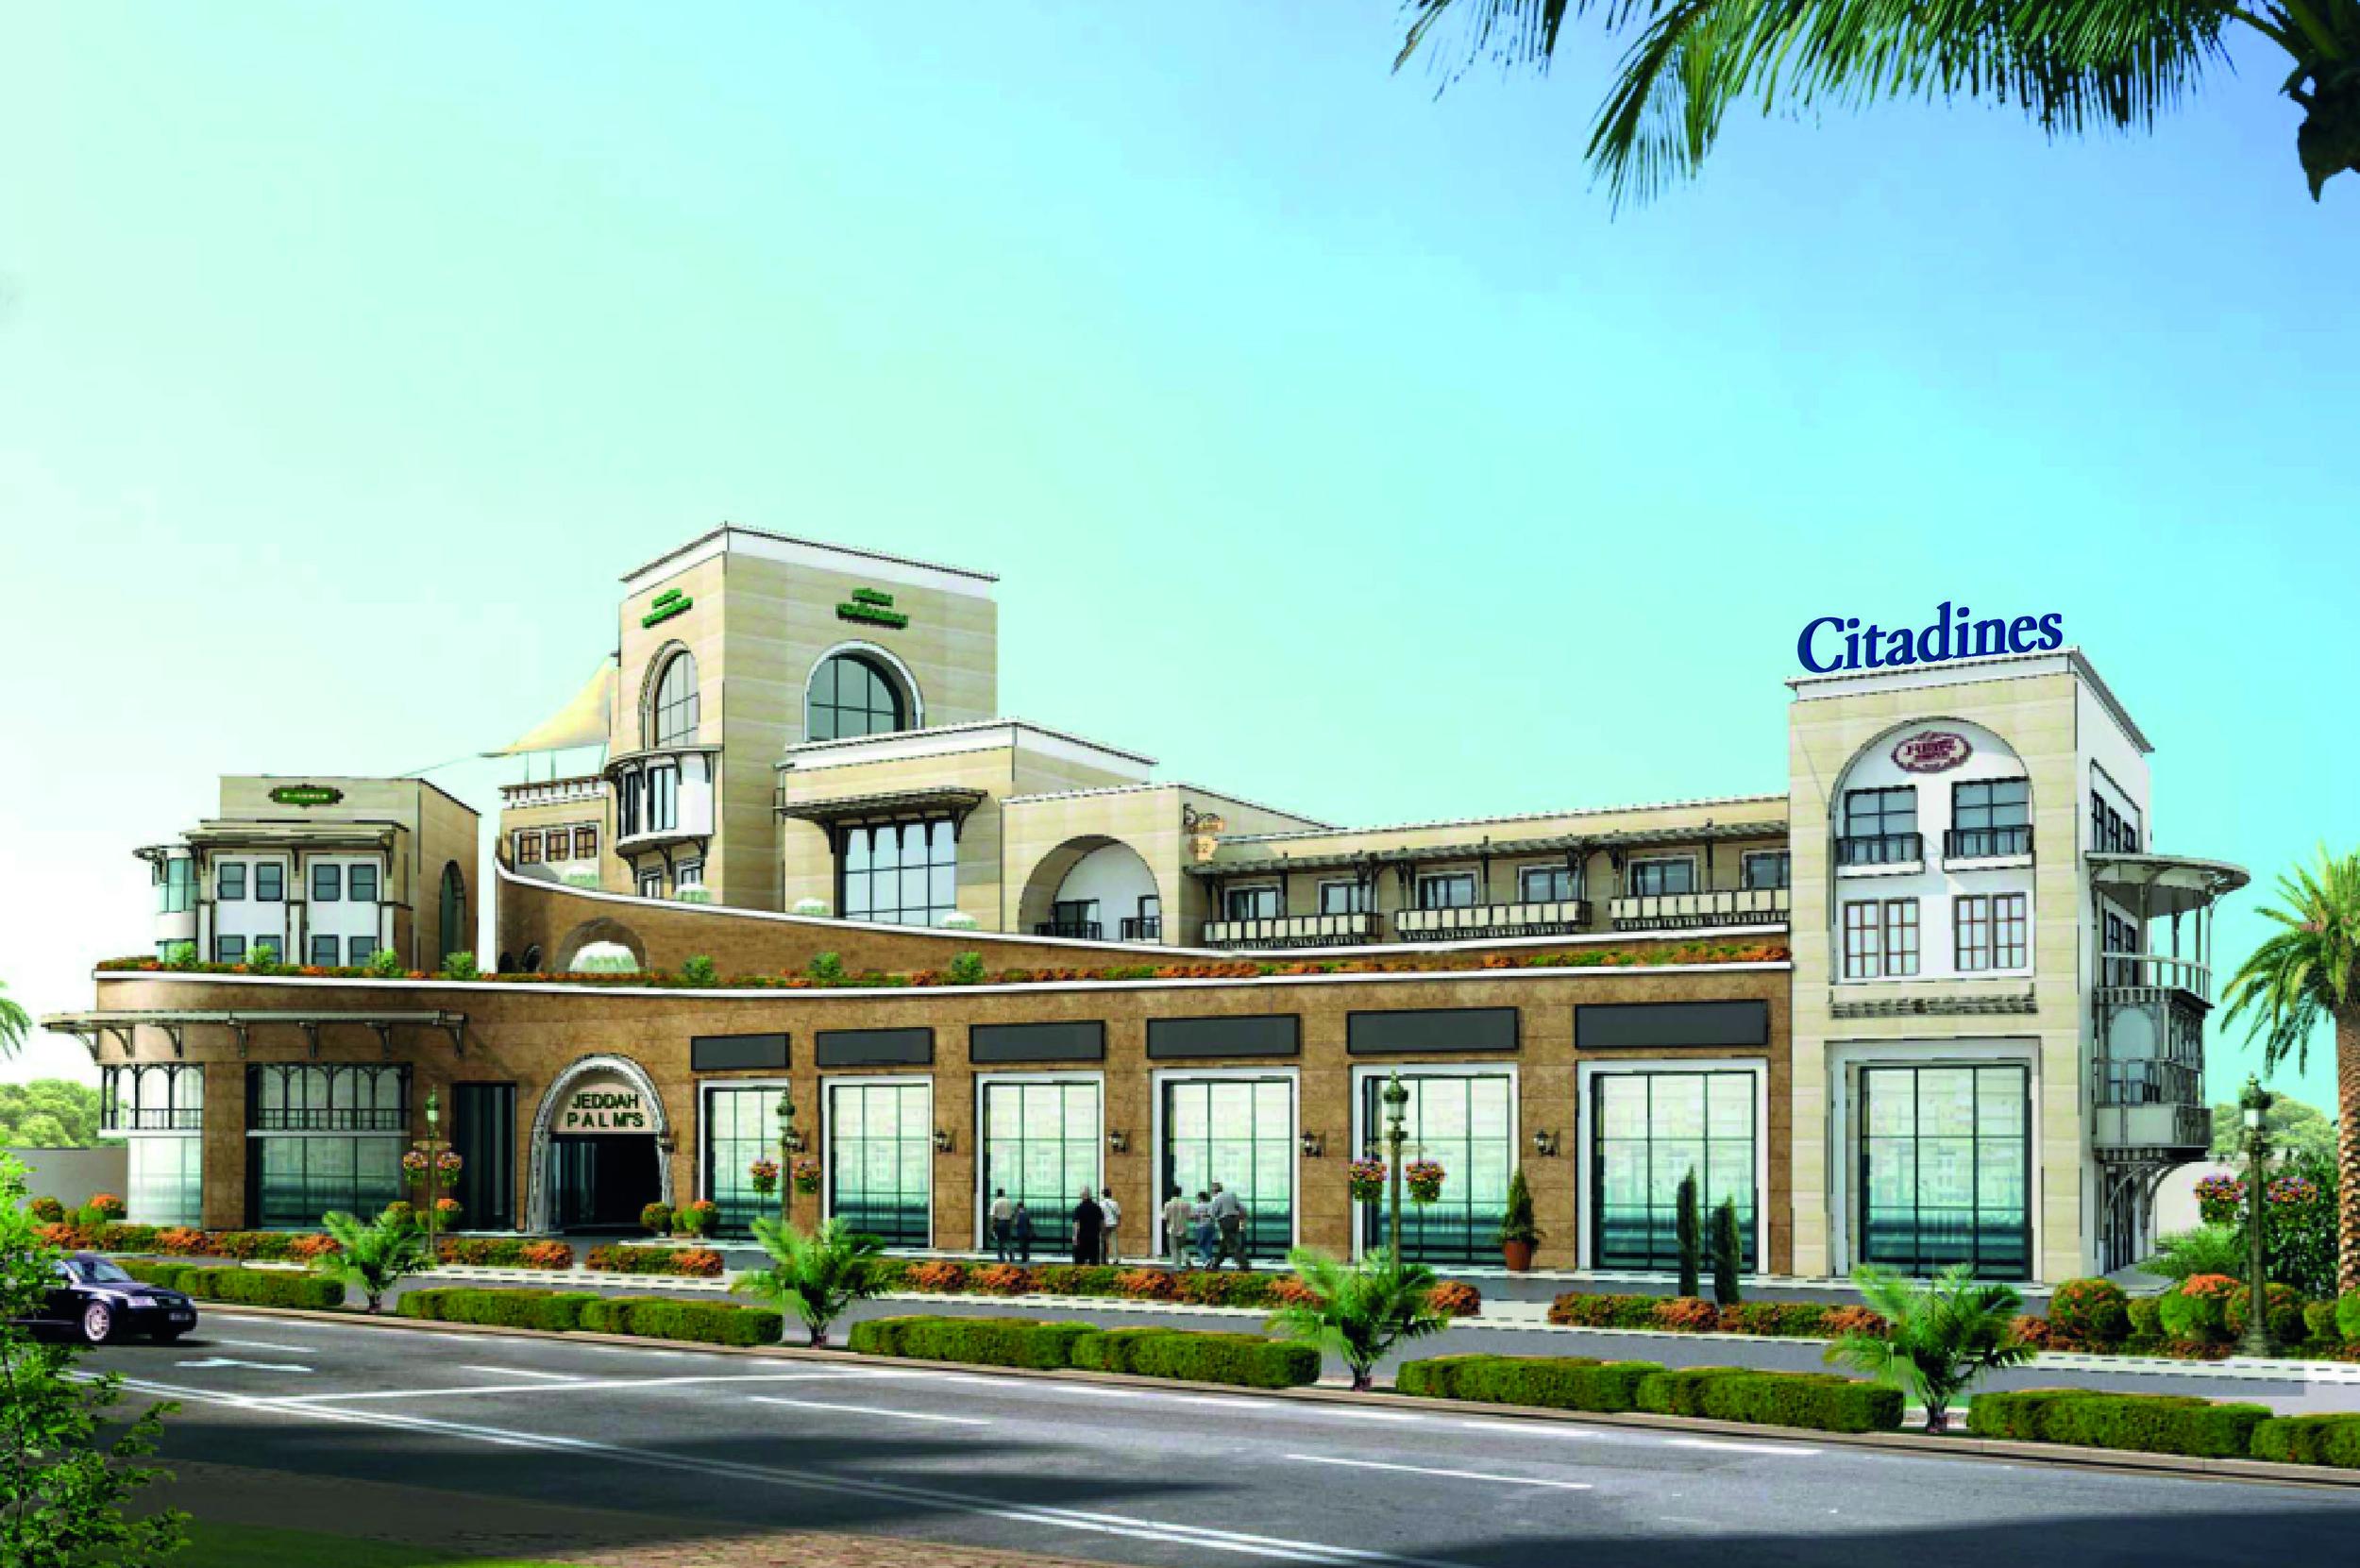 Citadines Sari Jeddah